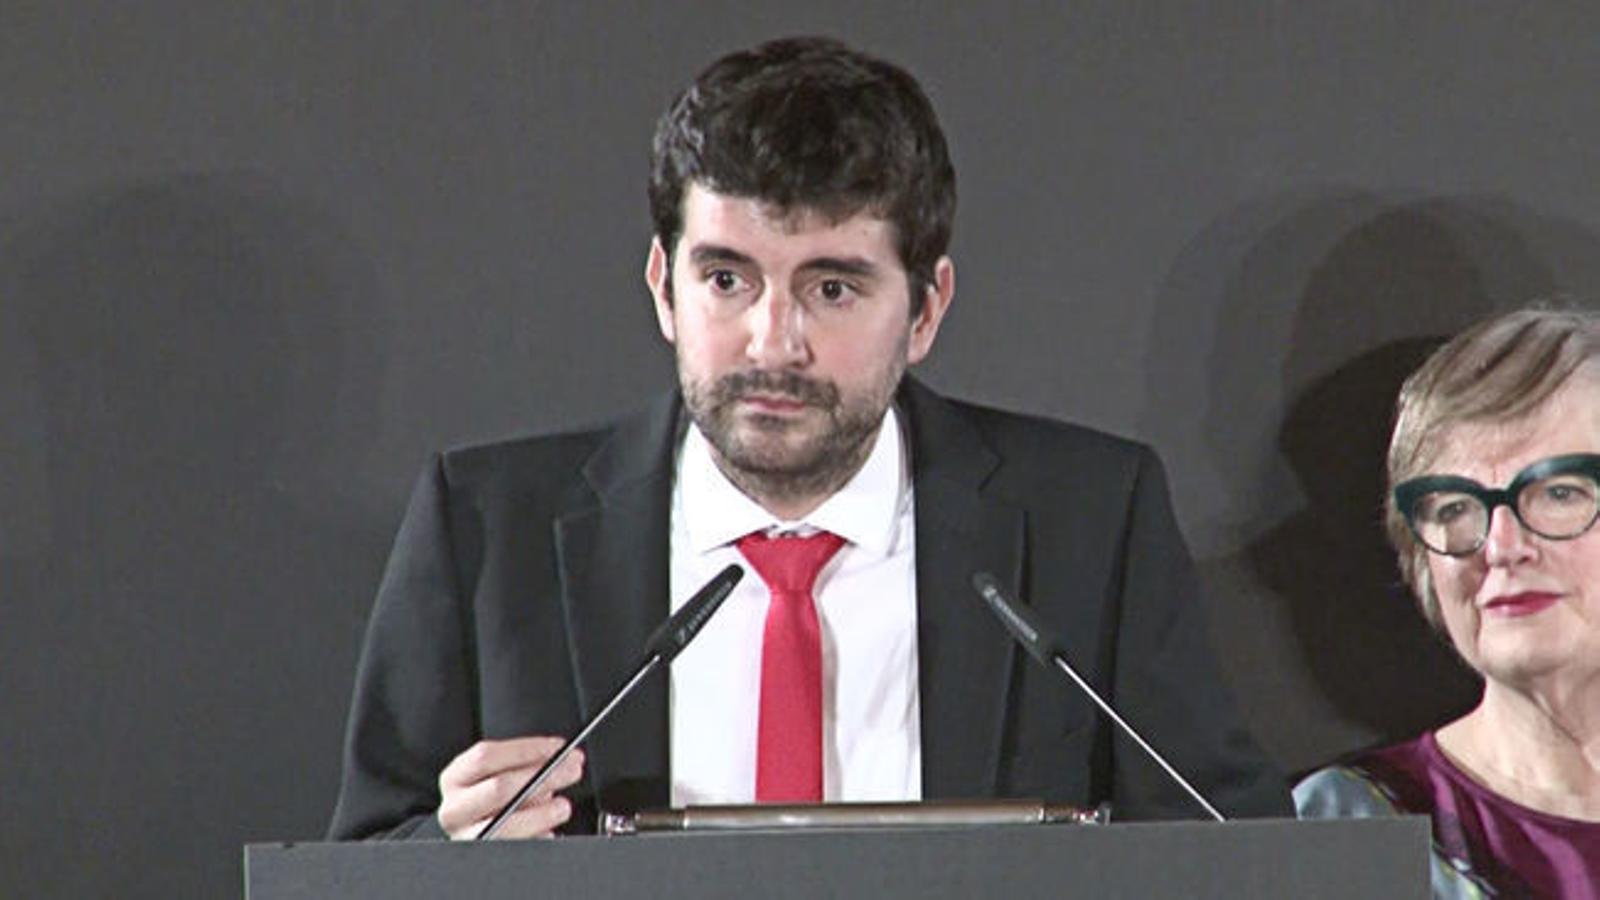 L'anàlisi d'Antoni Bassas: Manuel Valls o la mala educació